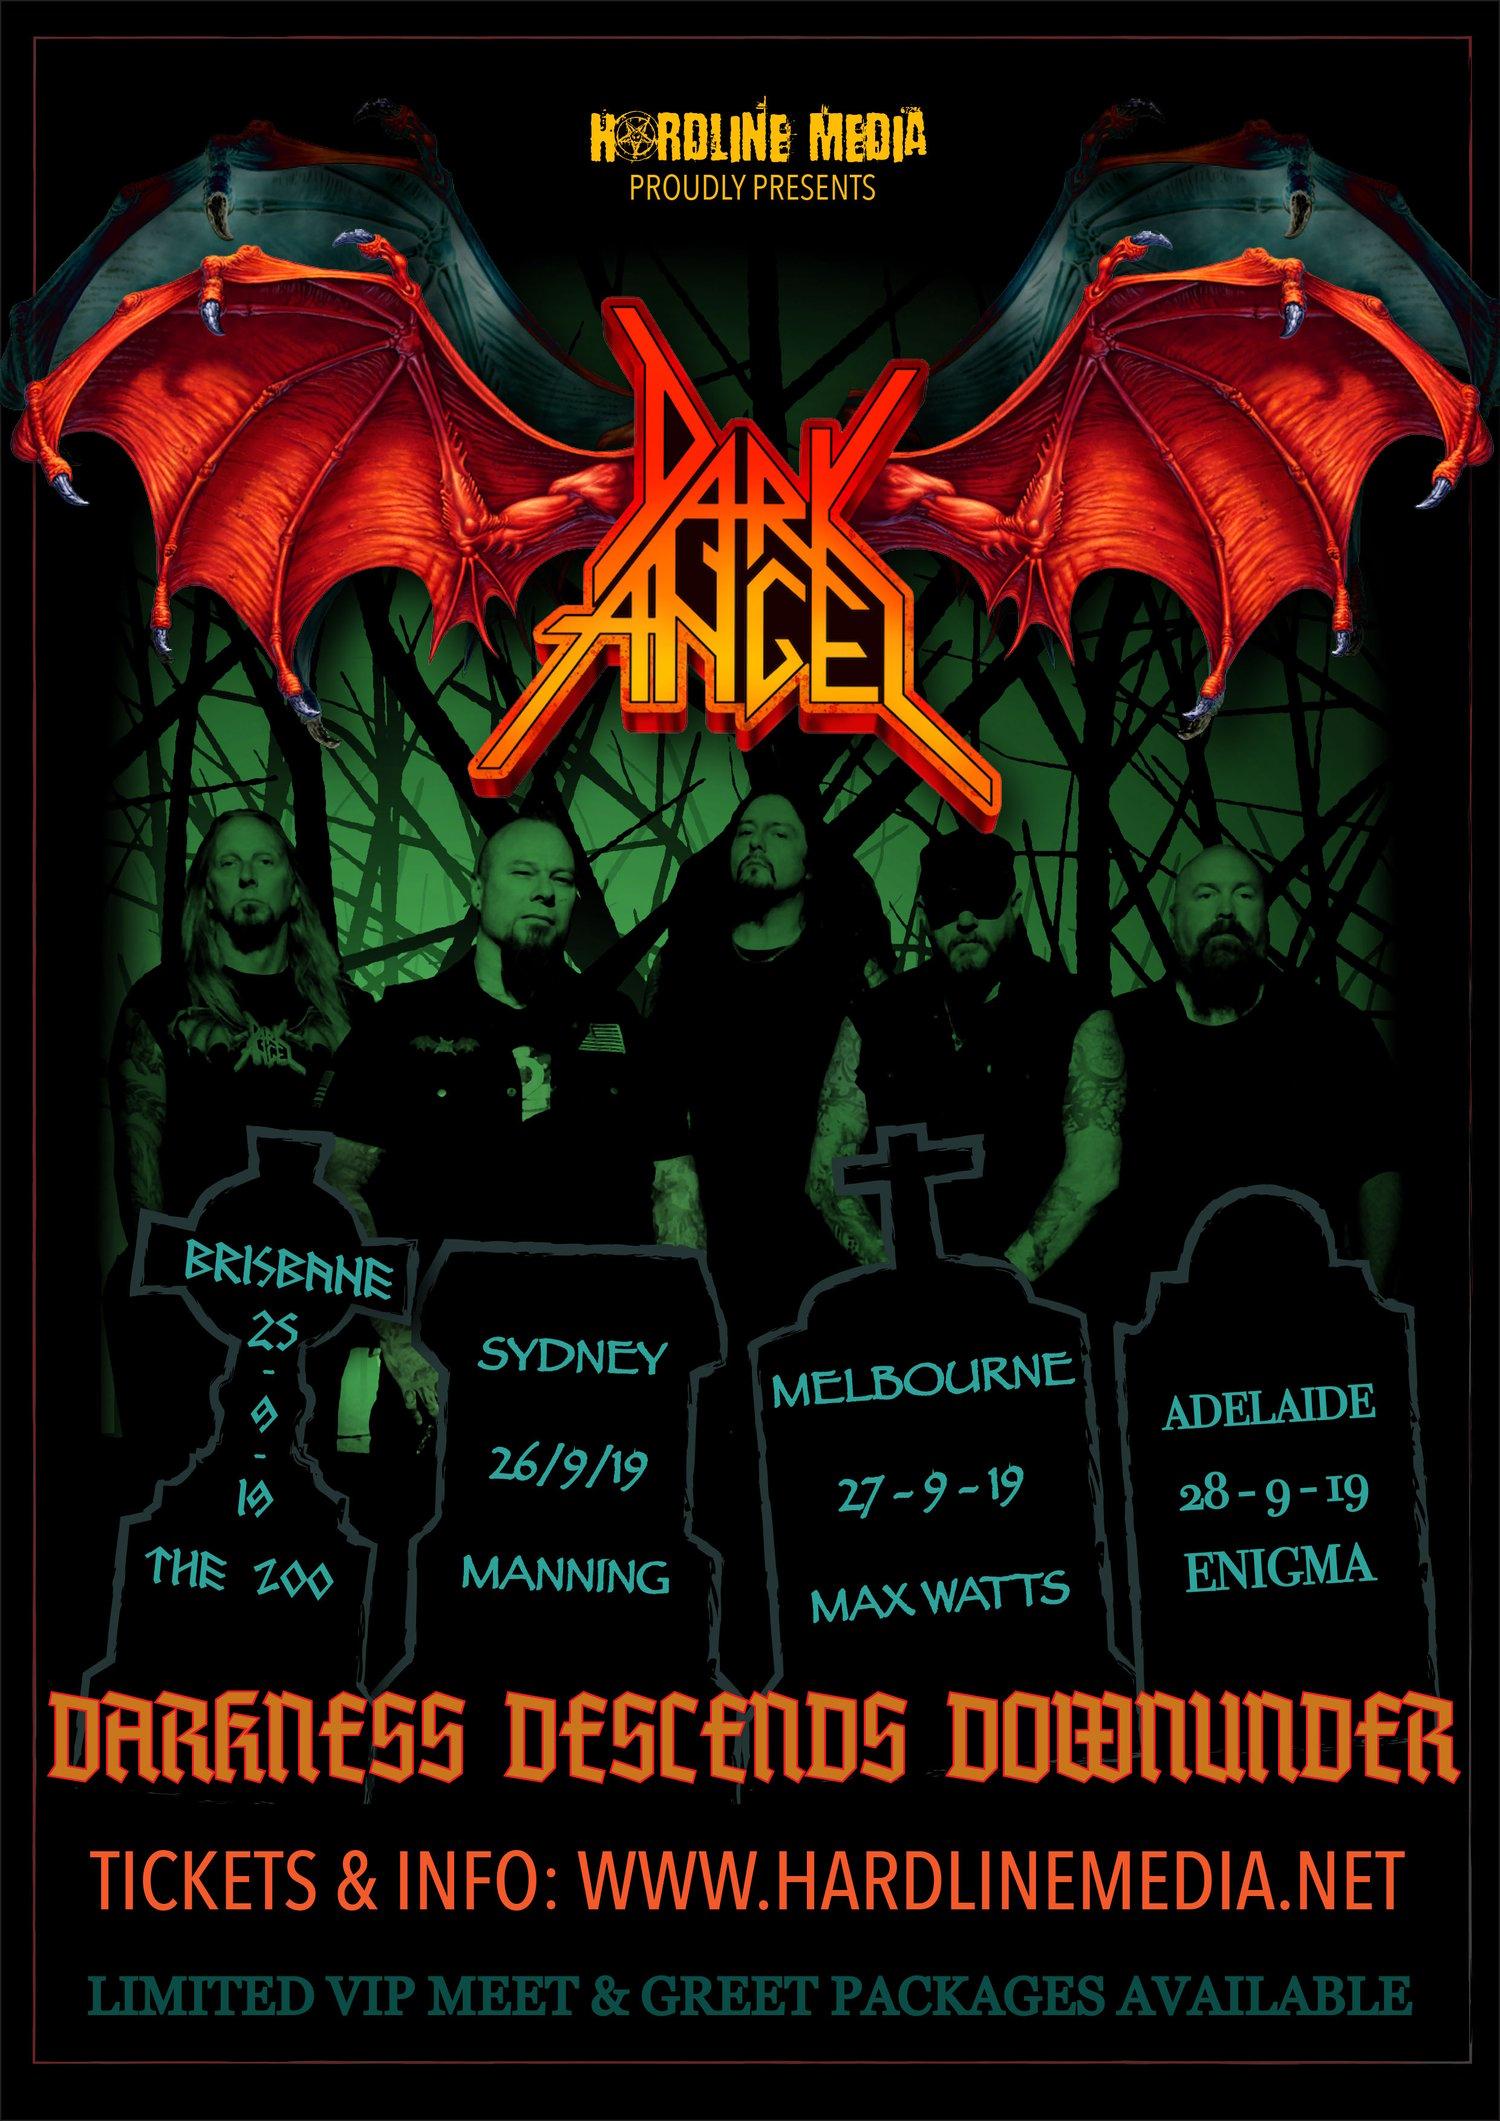 Image of VIP TICKET - DARK ANGEL - ADELAIDE, ENIGMA - SAT 28 SEP